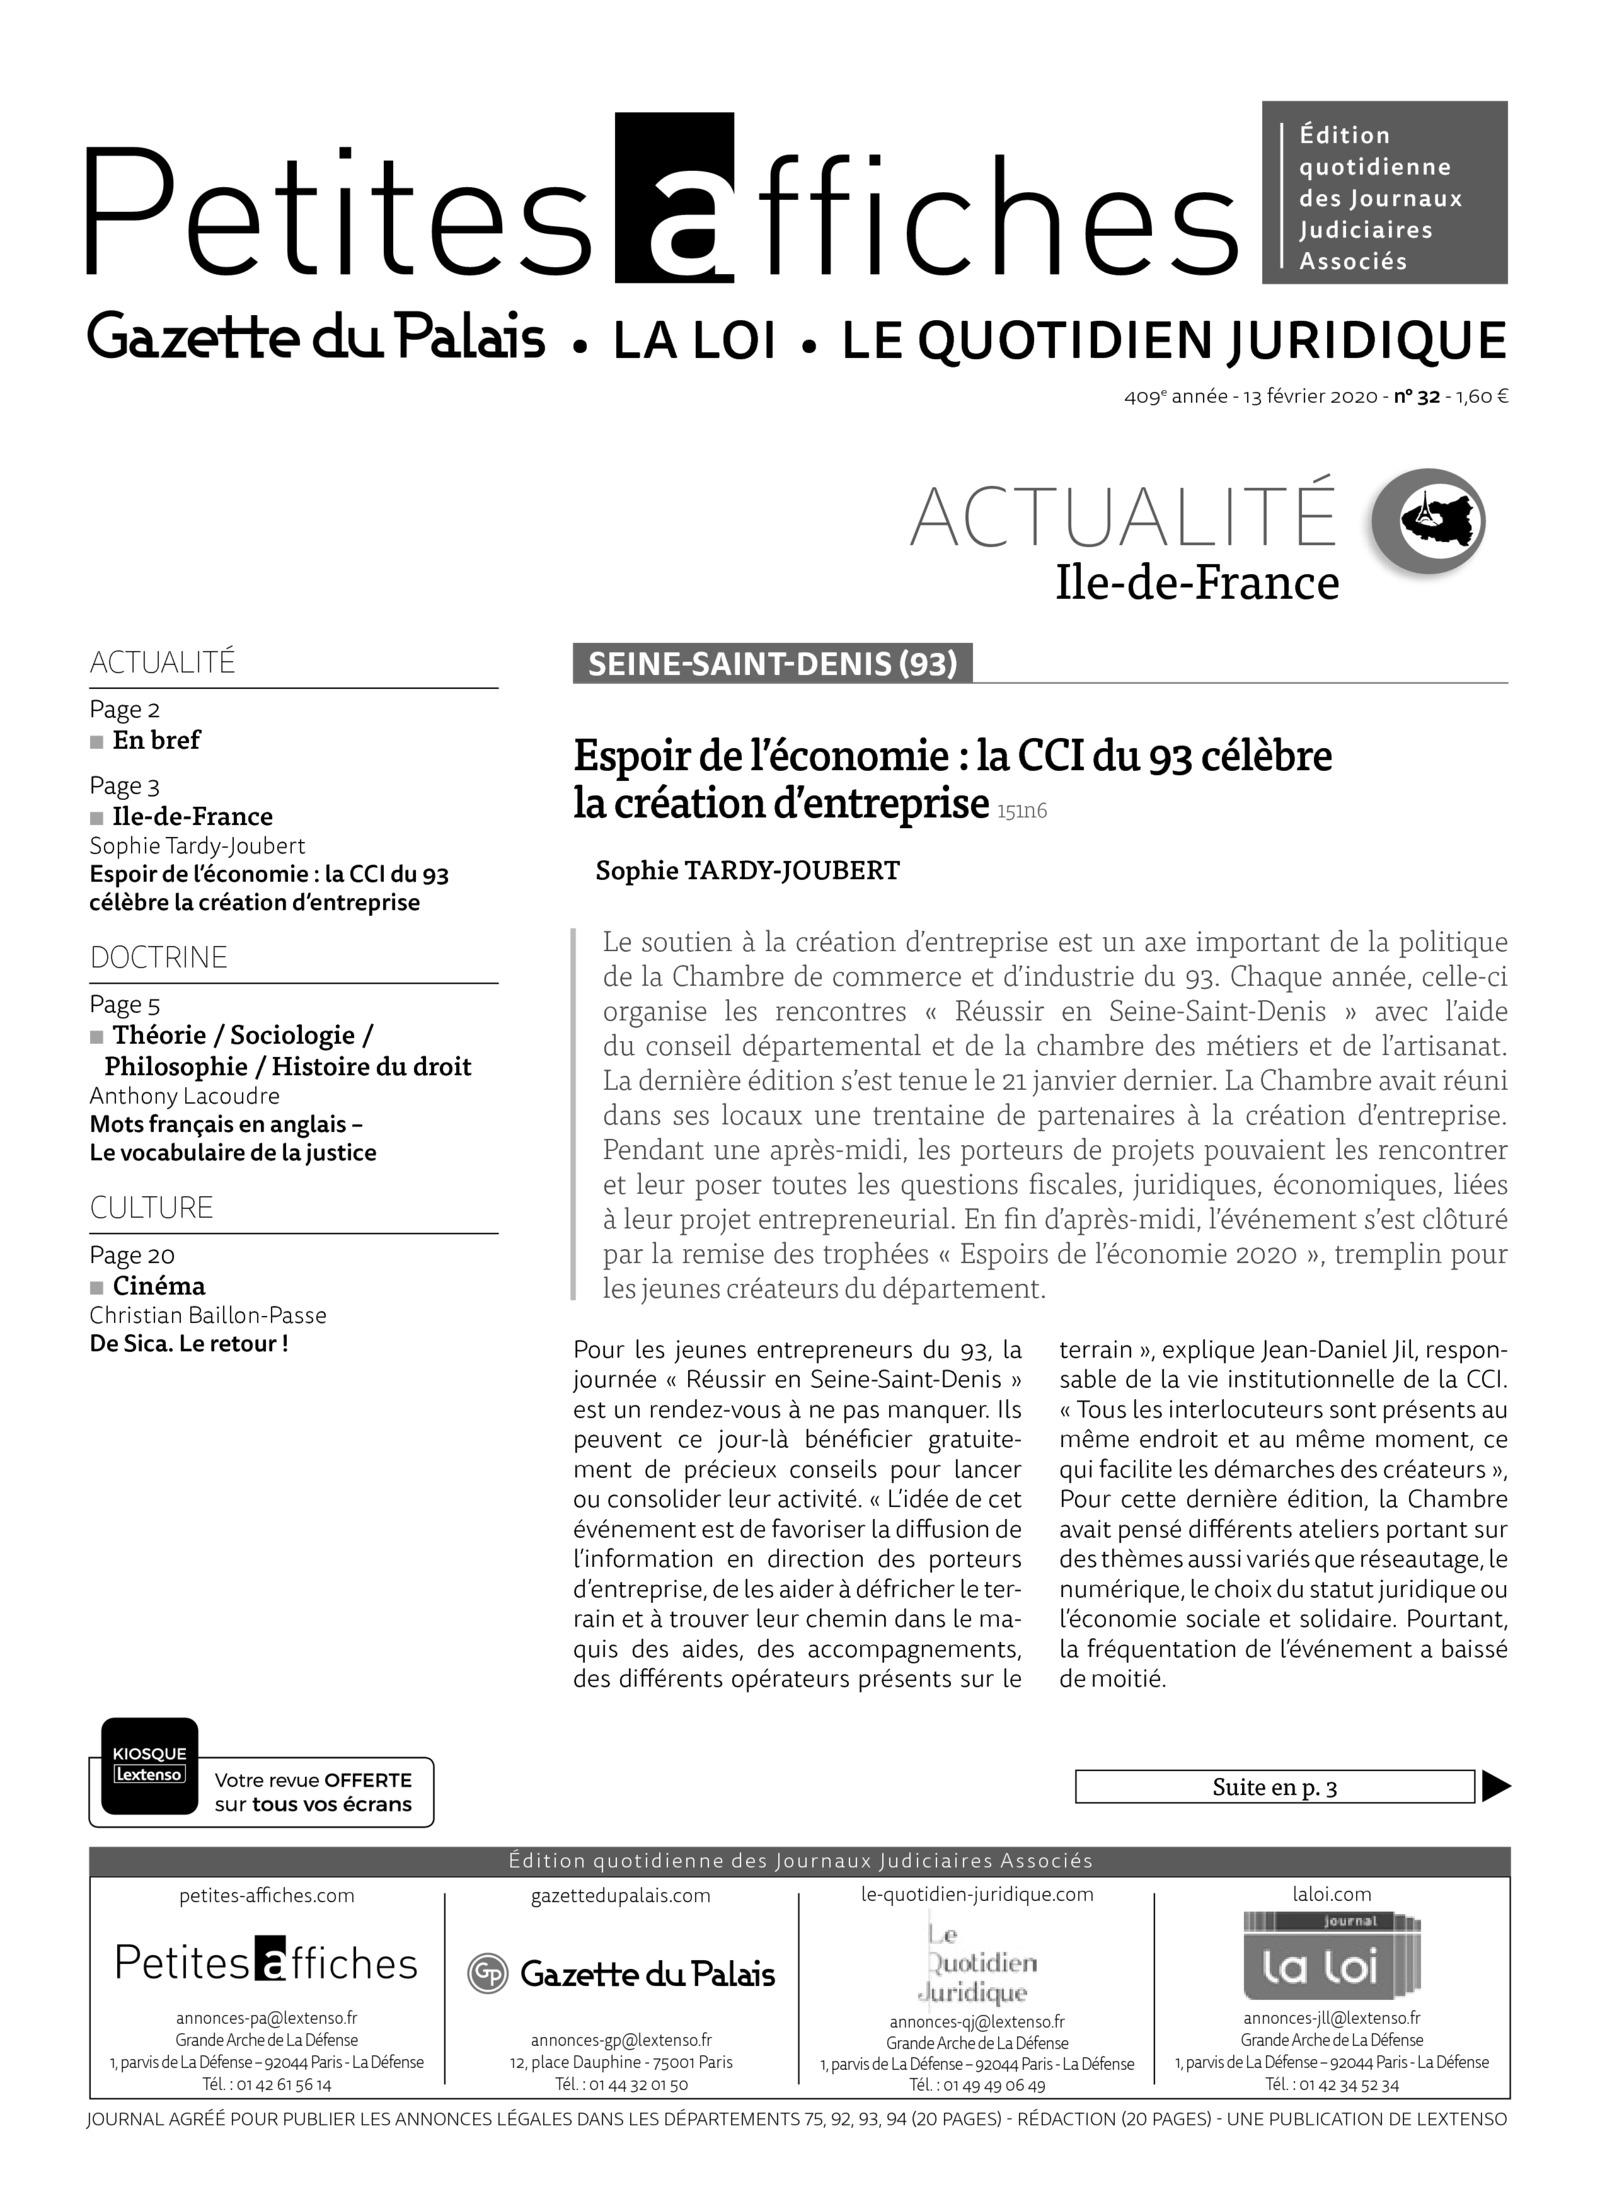 Mots Francais En Anglais Le Vocabulaire De La Justice Actu Juridique